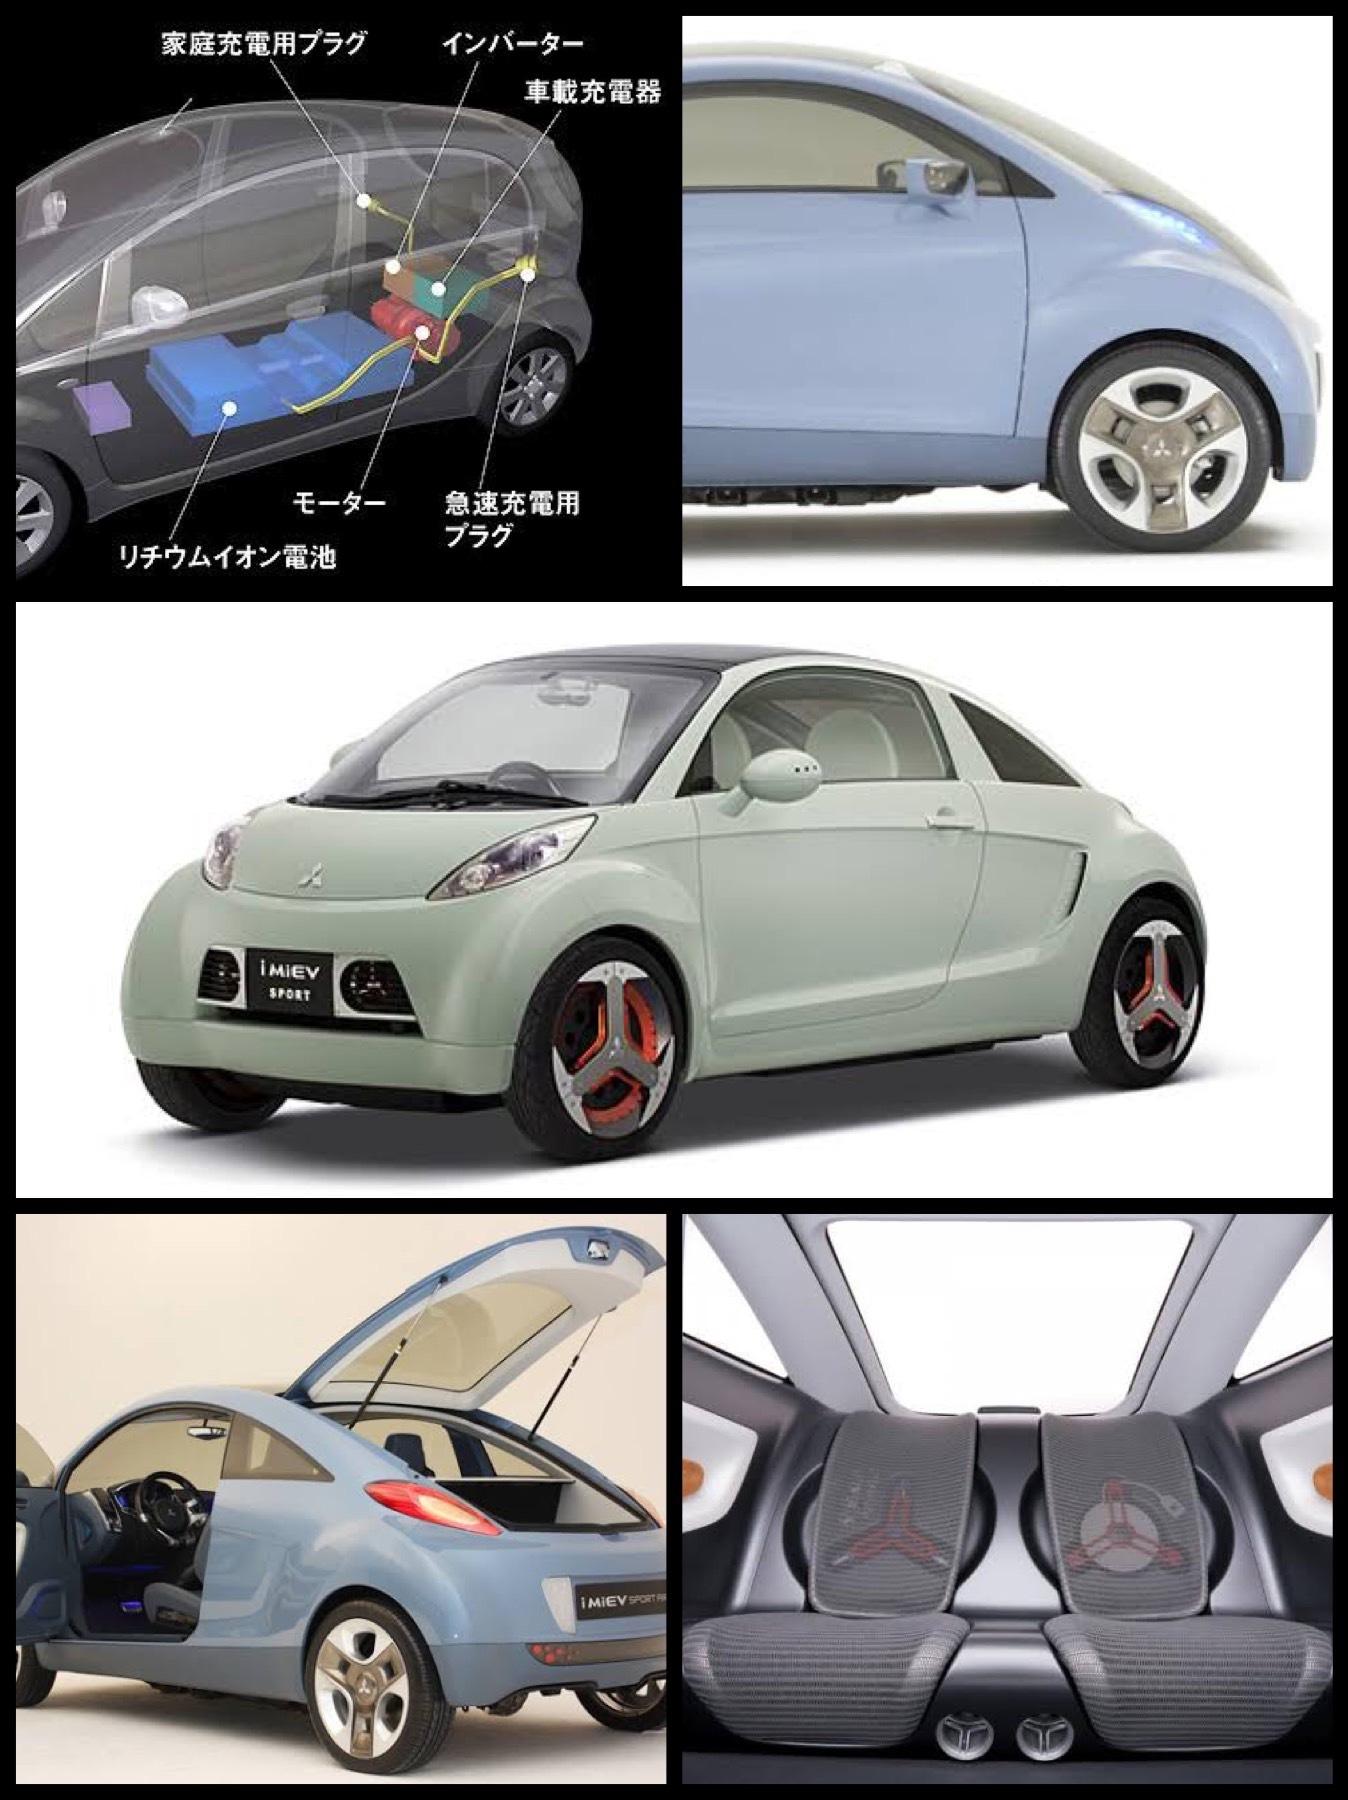 三菱 i-MiEV sports アイミーヴ スポーツ